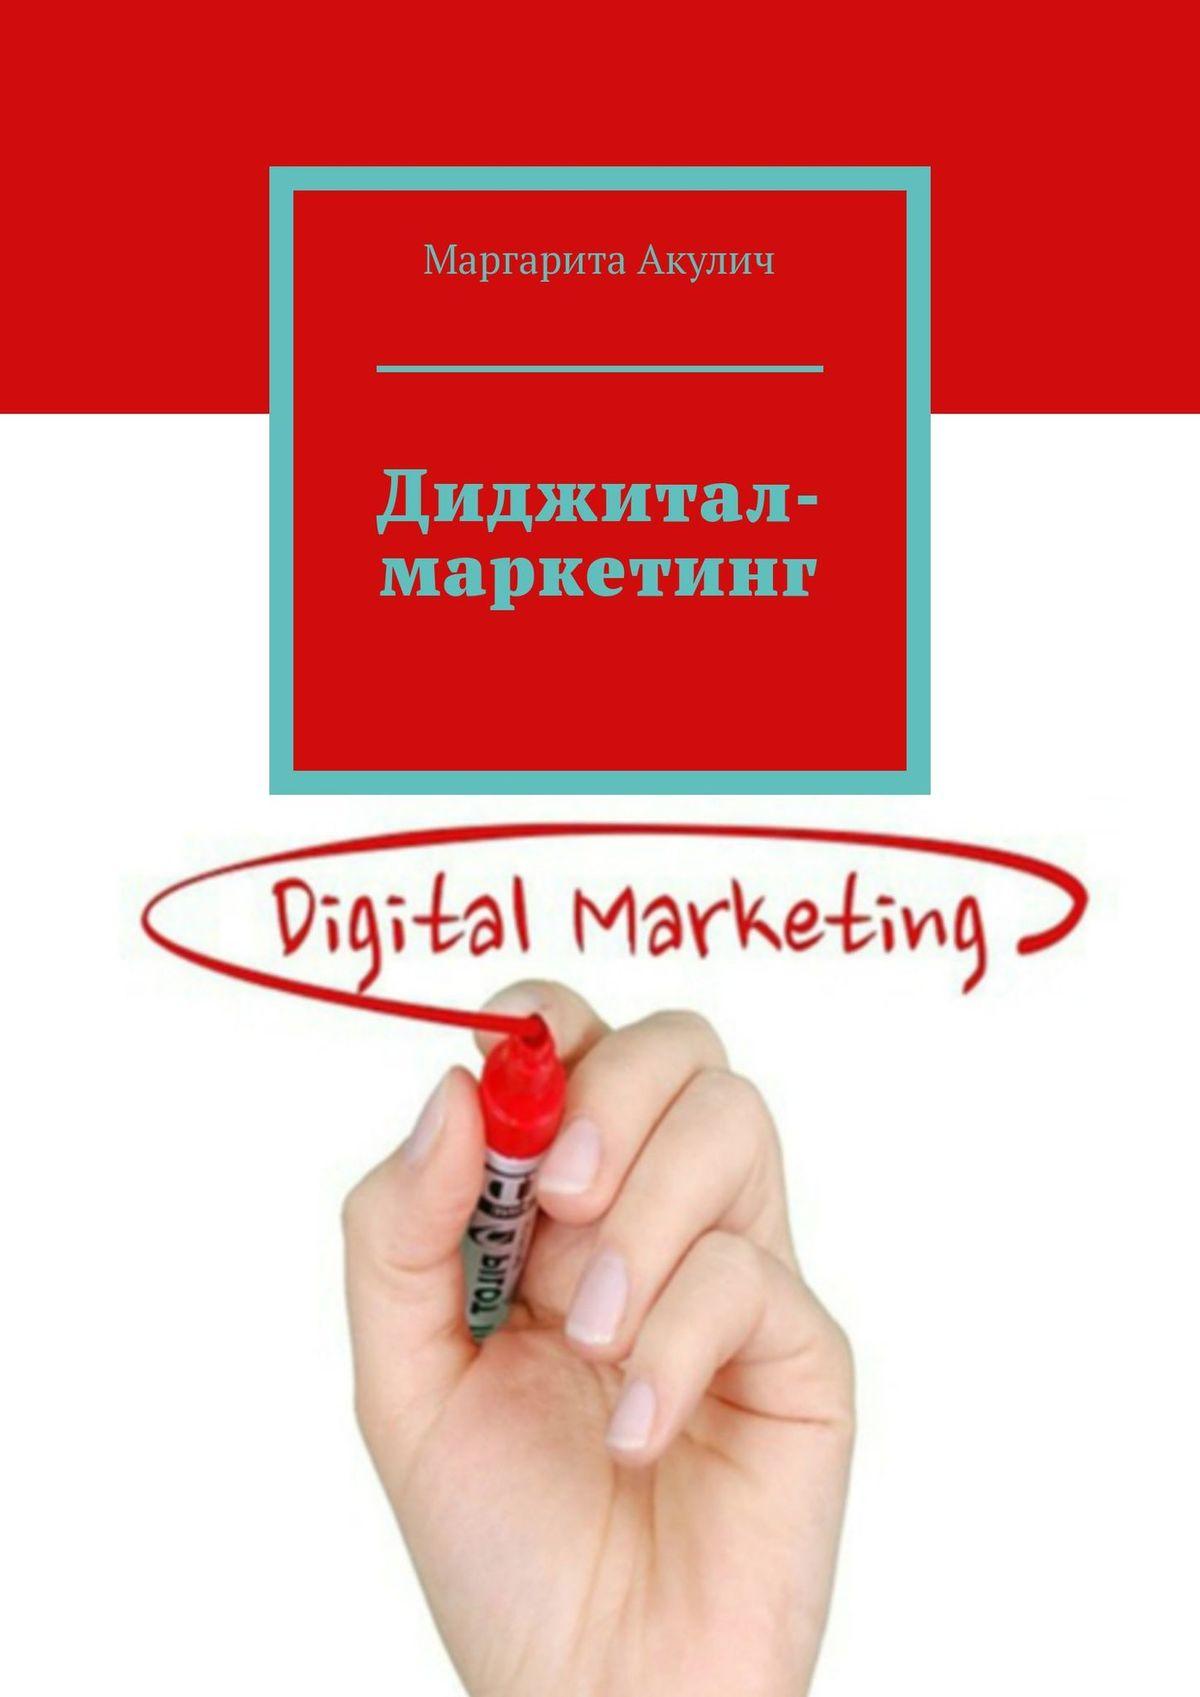 Маргарита Акулич Диджитал-маркетинг делай новое улучшаем бизнес с помощью маркетинга